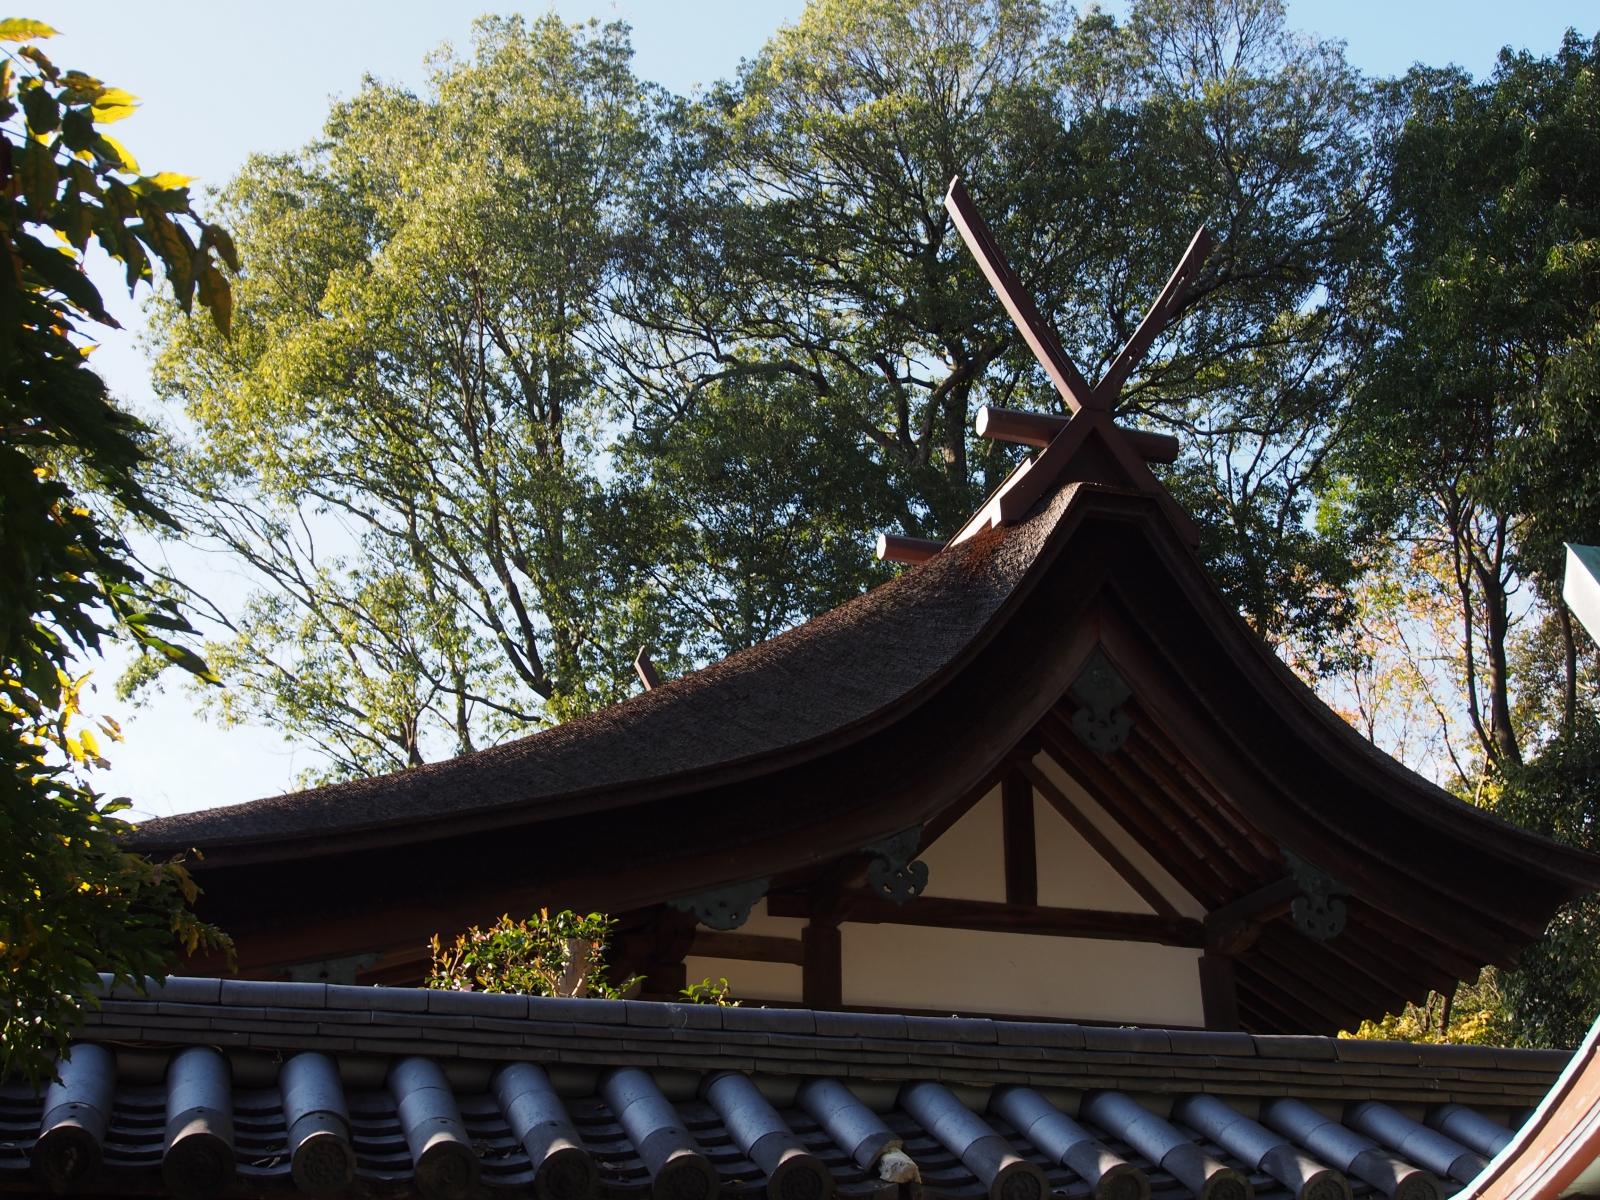 氷室神社本殿の檜皮葺屋根